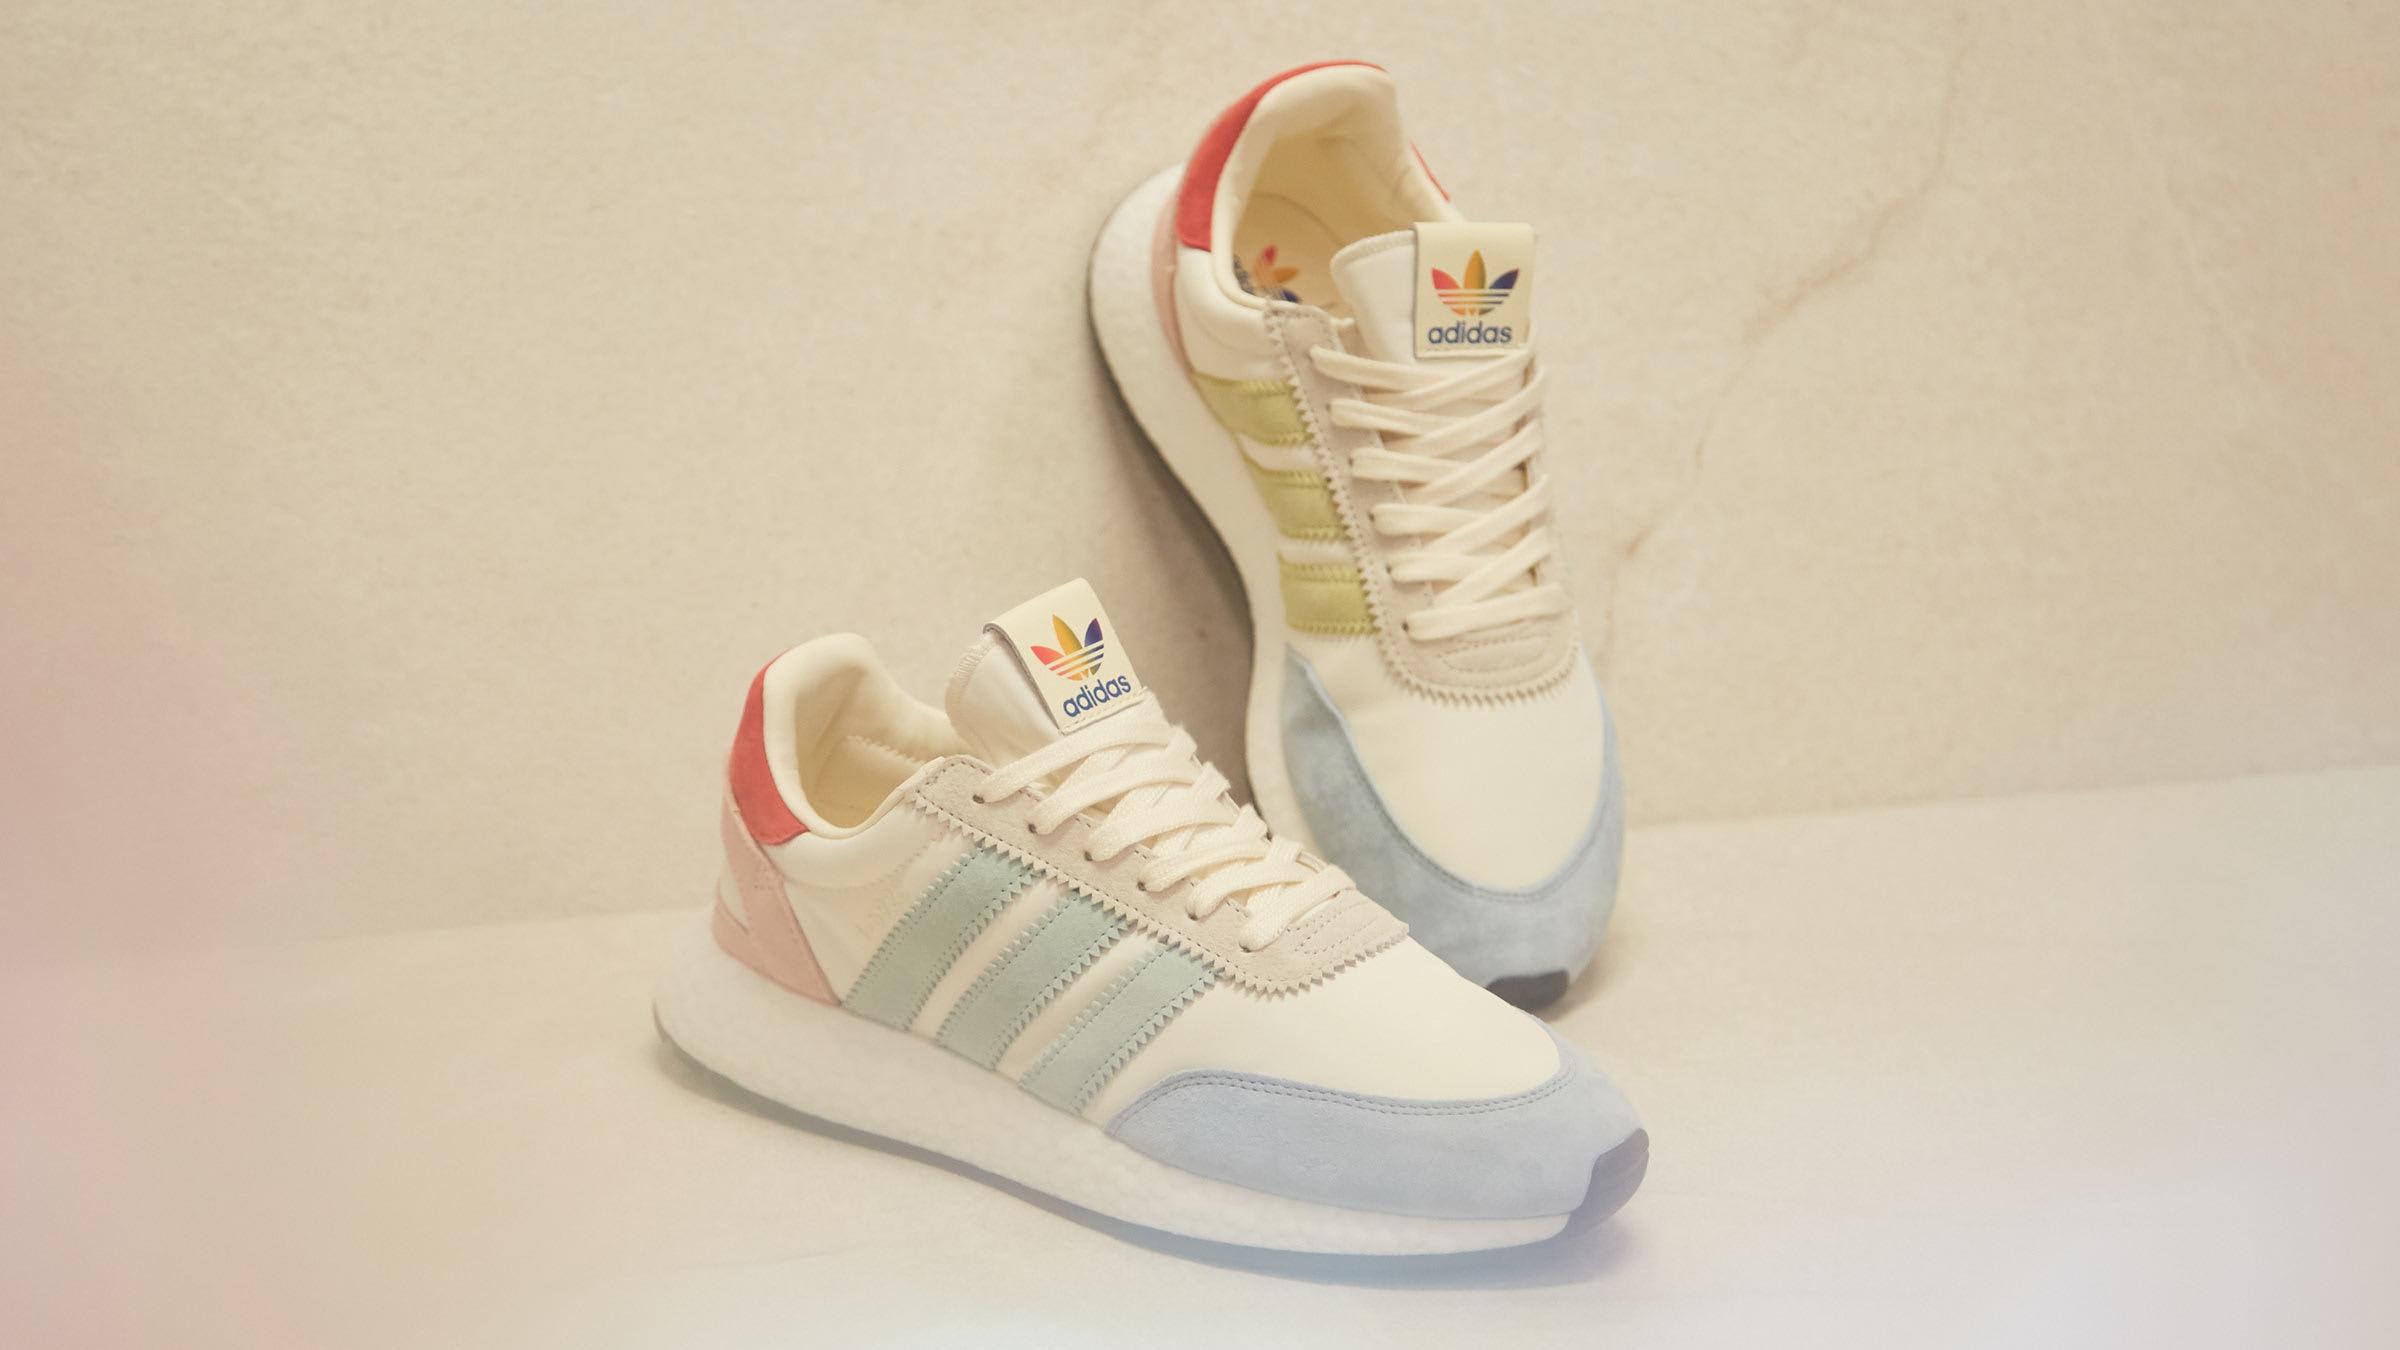 adidas I 5923 Pride Shoes WhiteBlue B41984